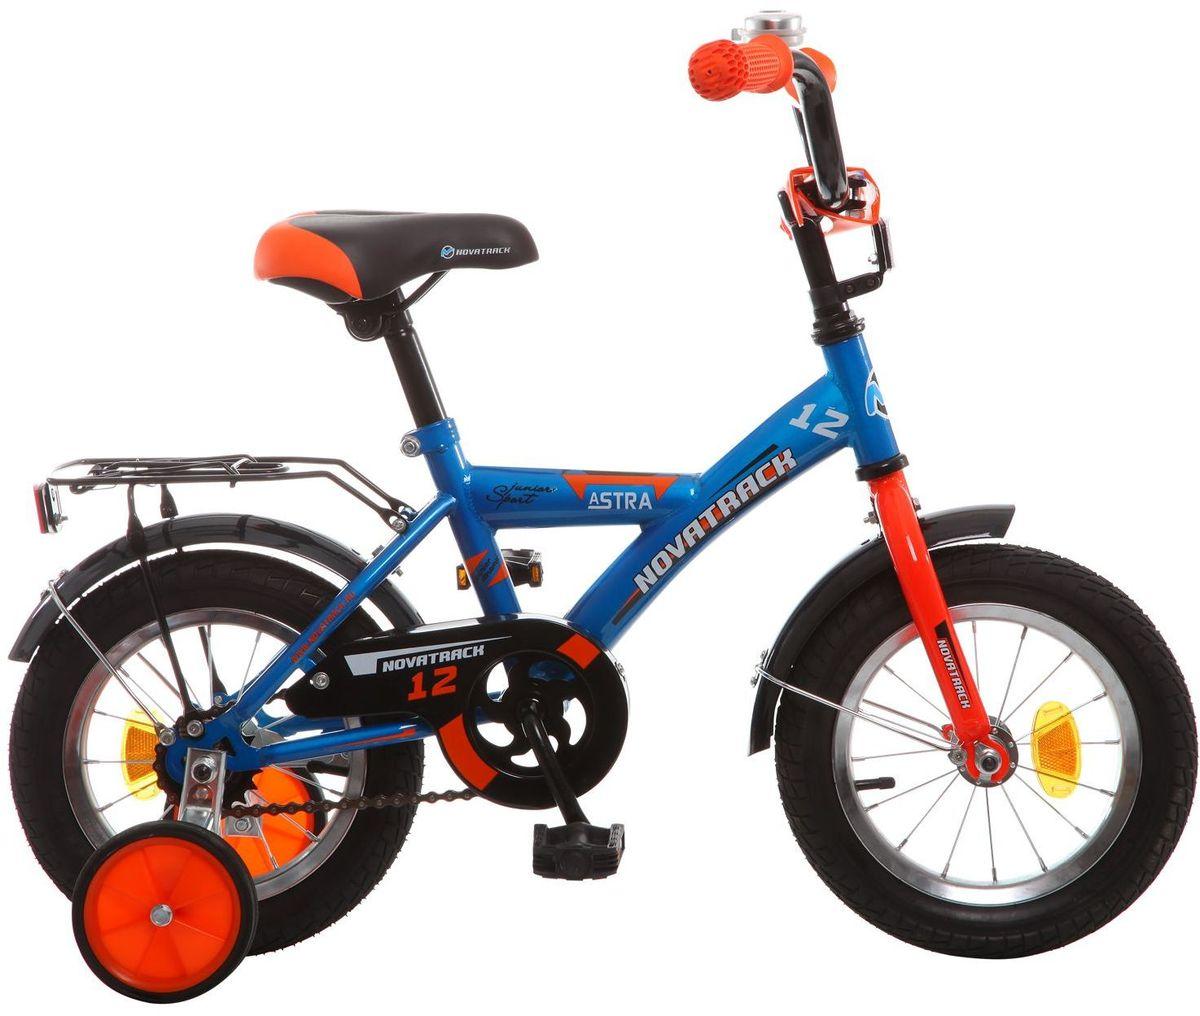 Велосипед детский Novatrack Astra, цвет: синий, черный, оранжевый, 12WRA523700Хотите, чтобы ваш ребенок играя укреплял здоровье? Тогда ему нужен удобный и надежный велосипед Novatrack Astra, рассчитанный на малышей 2-4 лет. Одного взгляда малыша хватит, чтобы раз и навсегда влюбиться в свой новенький двухколесный транспорт, который сначала можно назвать и четырехколесным. Дополнительную устойчивость железному коню обеспечивают два маленьких съемных колеса в цвет велосипеда. Велосипед собран на базе рамы с универсальной геометрией, которая позволяет легко взобраться или слезть с велосипеда, при этом велосипед имеет такой вес, что маленький ребенок сам легко справляется со своим транспортным средством. Так как велосипед предназначен для самых маленьких, предусмотрен ограничитель поворота руля, который не позволит сильно завернуть руль и упасть. Еще один элемент безопасности - это защита цепи, которая оберегает одежду и ноги малыша от попадания в механизм. Стильные крылья защитят от грязи и брызг, а на багажнике ребенок сможет перевозить массу полезных в дороге вещей. Данная модель маневренна и легко управляется, поэтому ребенку будет несложно и интересно учиться езде.